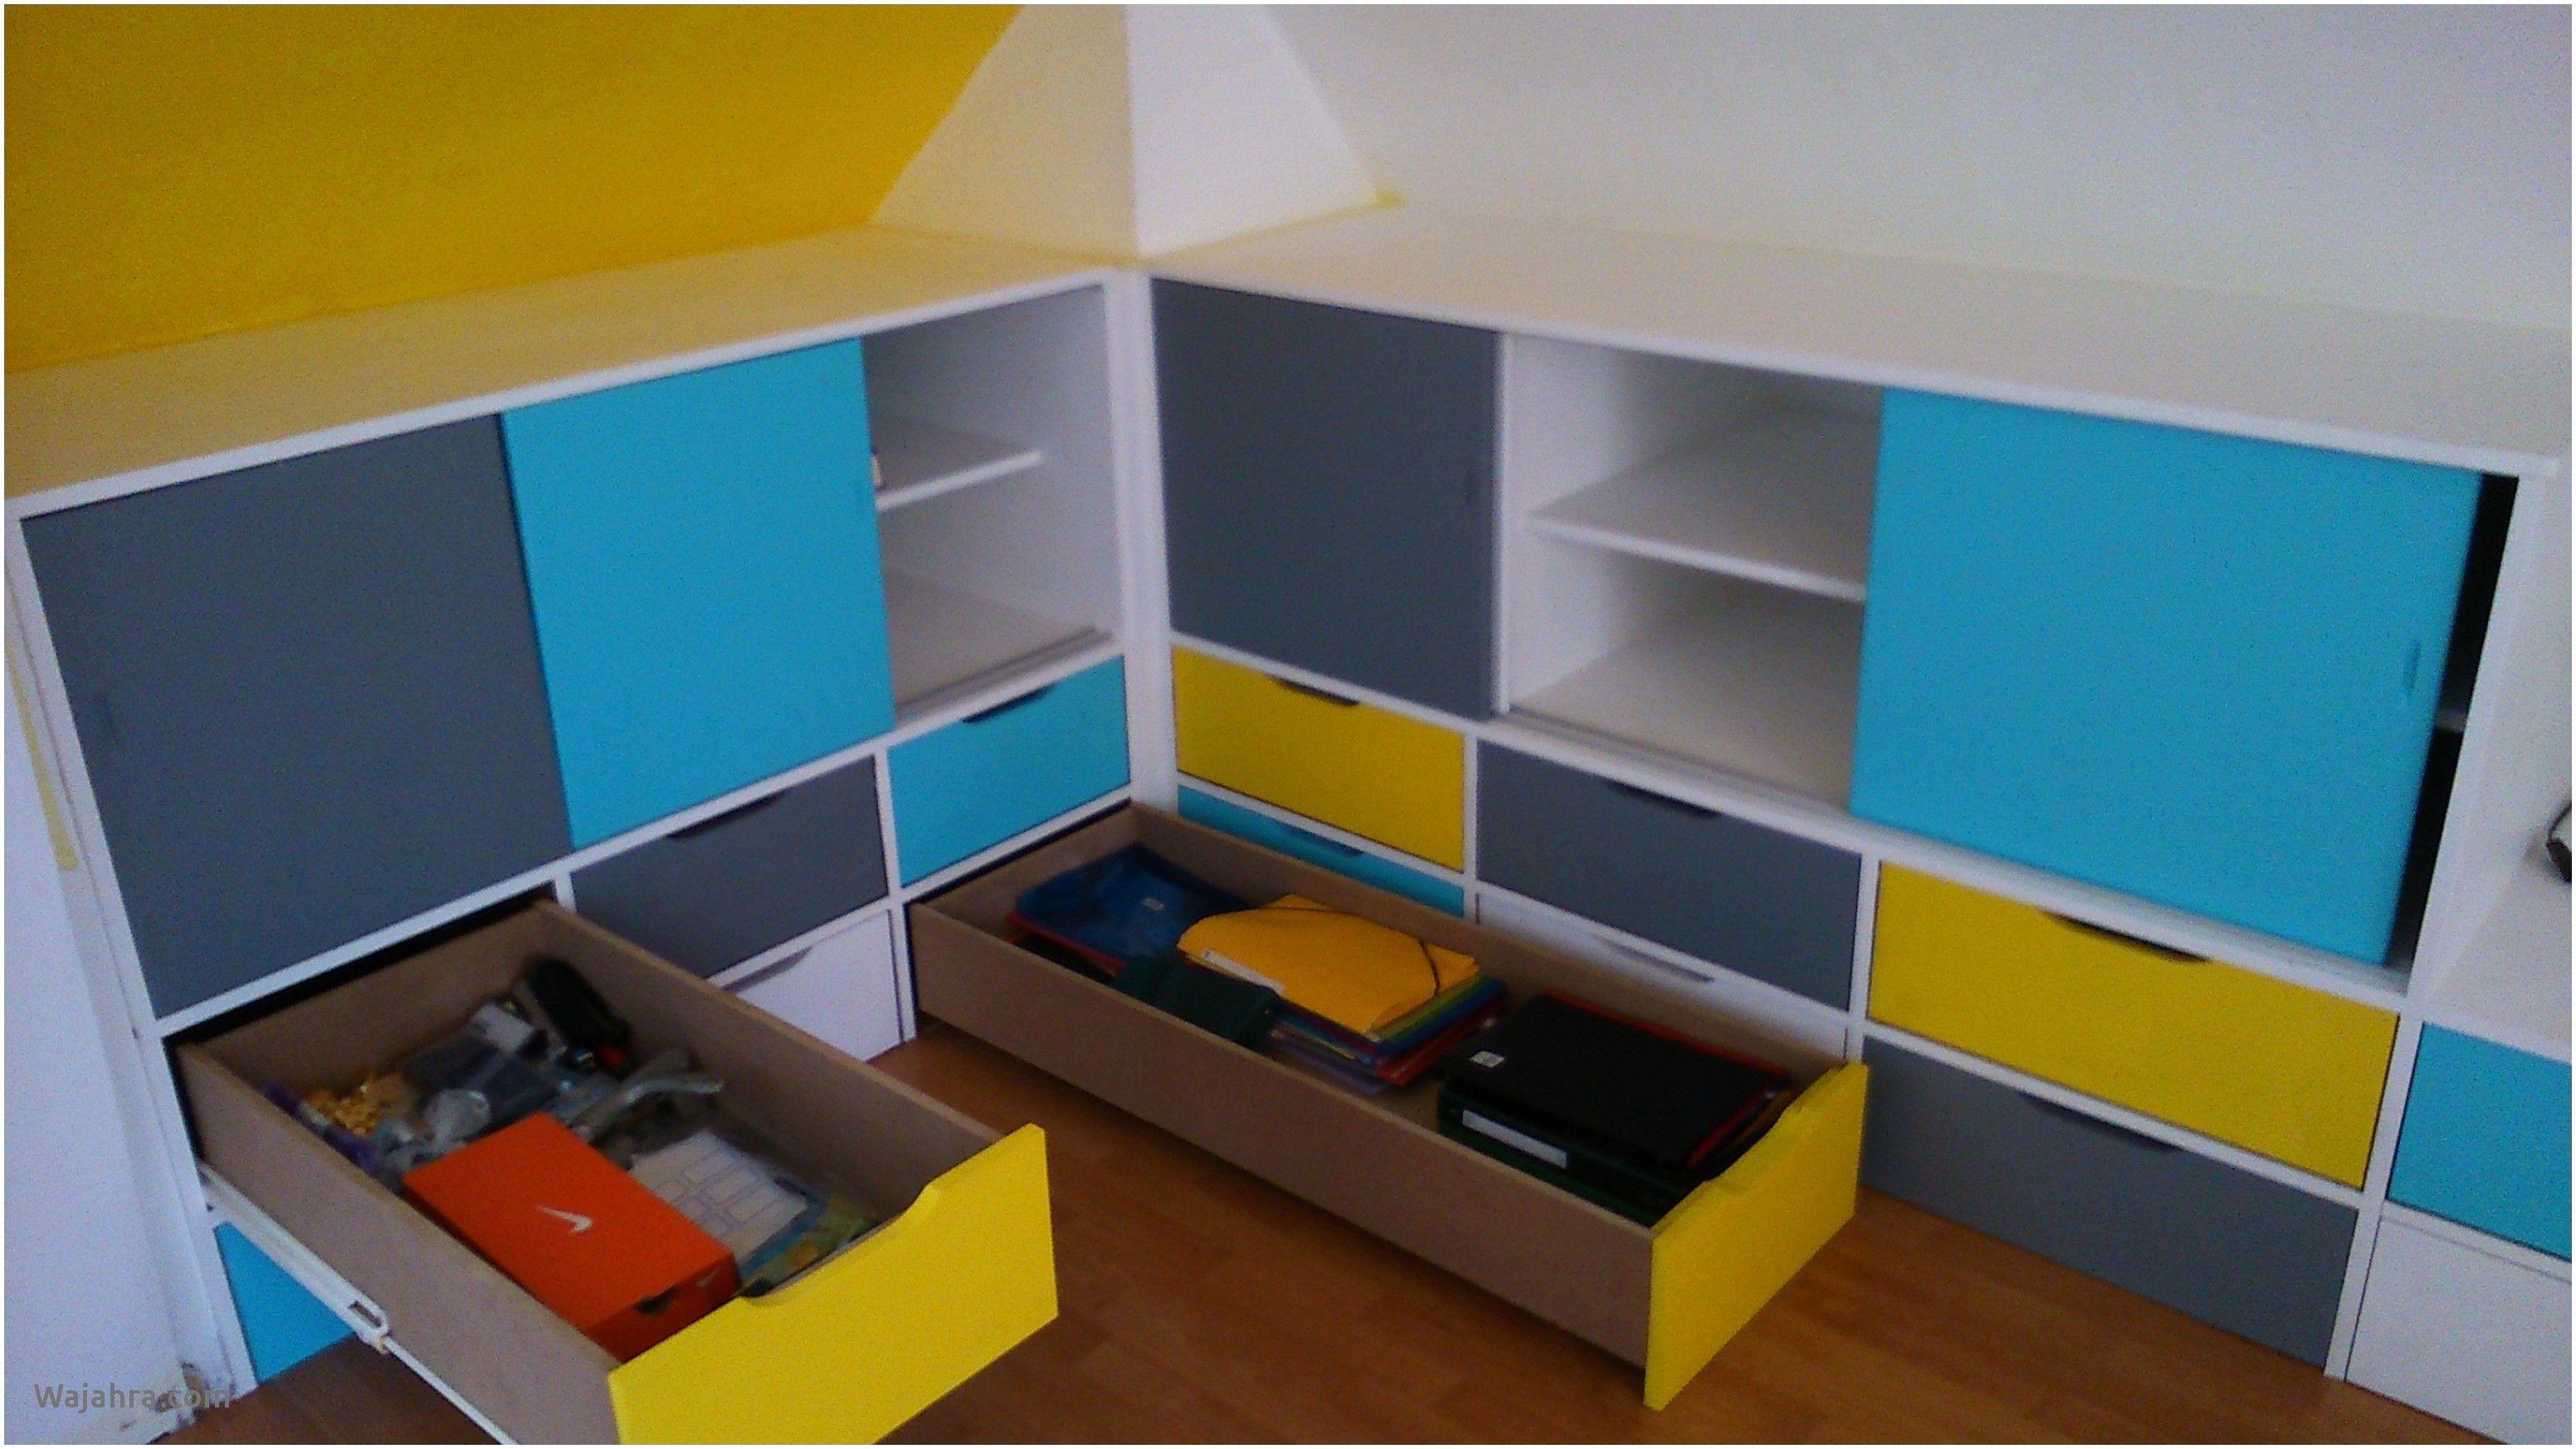 meuble chambre conforama best of 17 beau conforama chambre enfants adana estepona accueil mes meubles